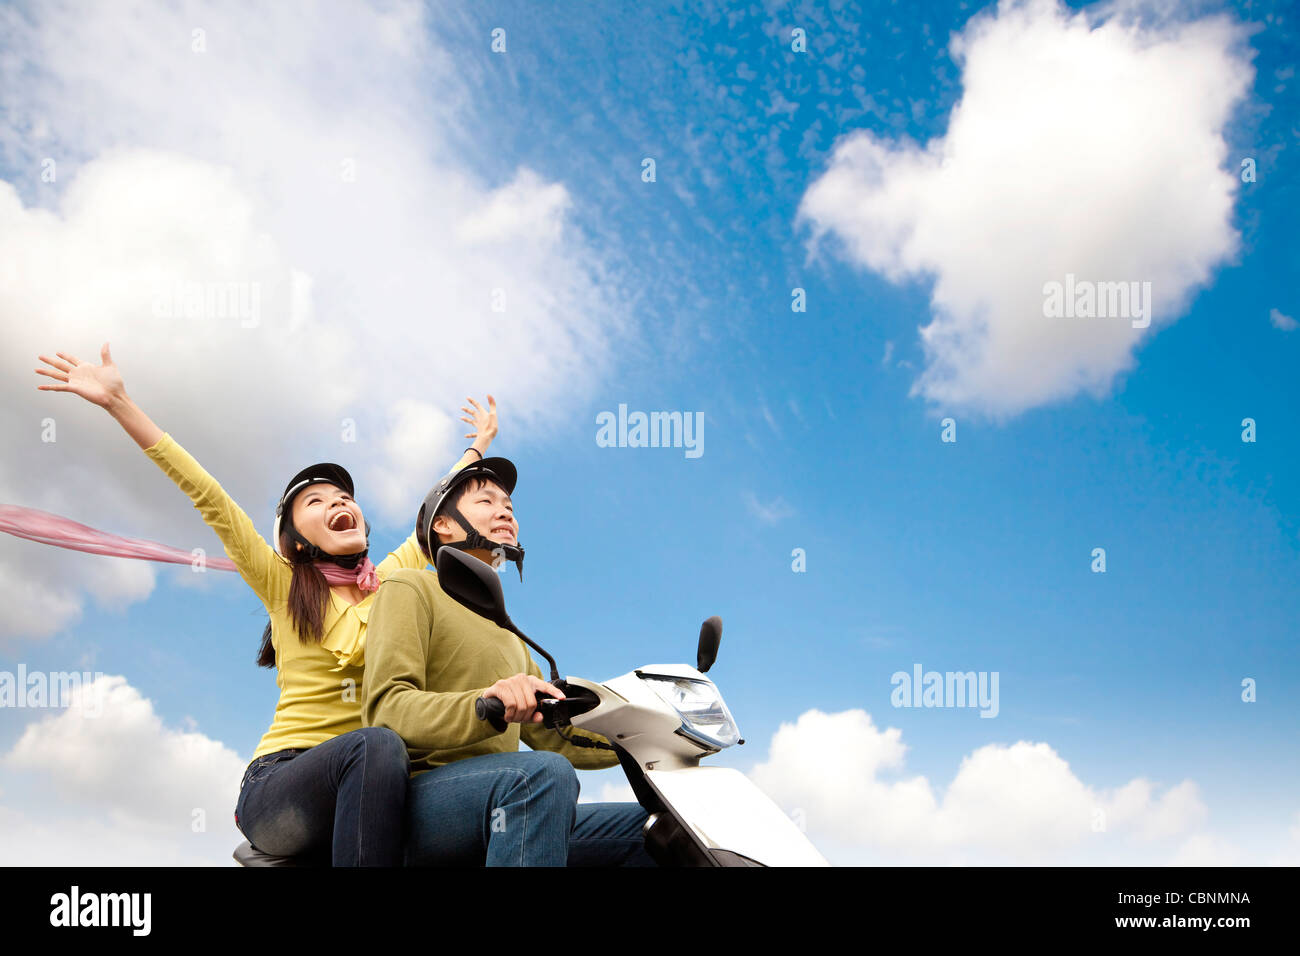 Felice coppia giovane avendo divertimento su uno scooter Immagini Stock